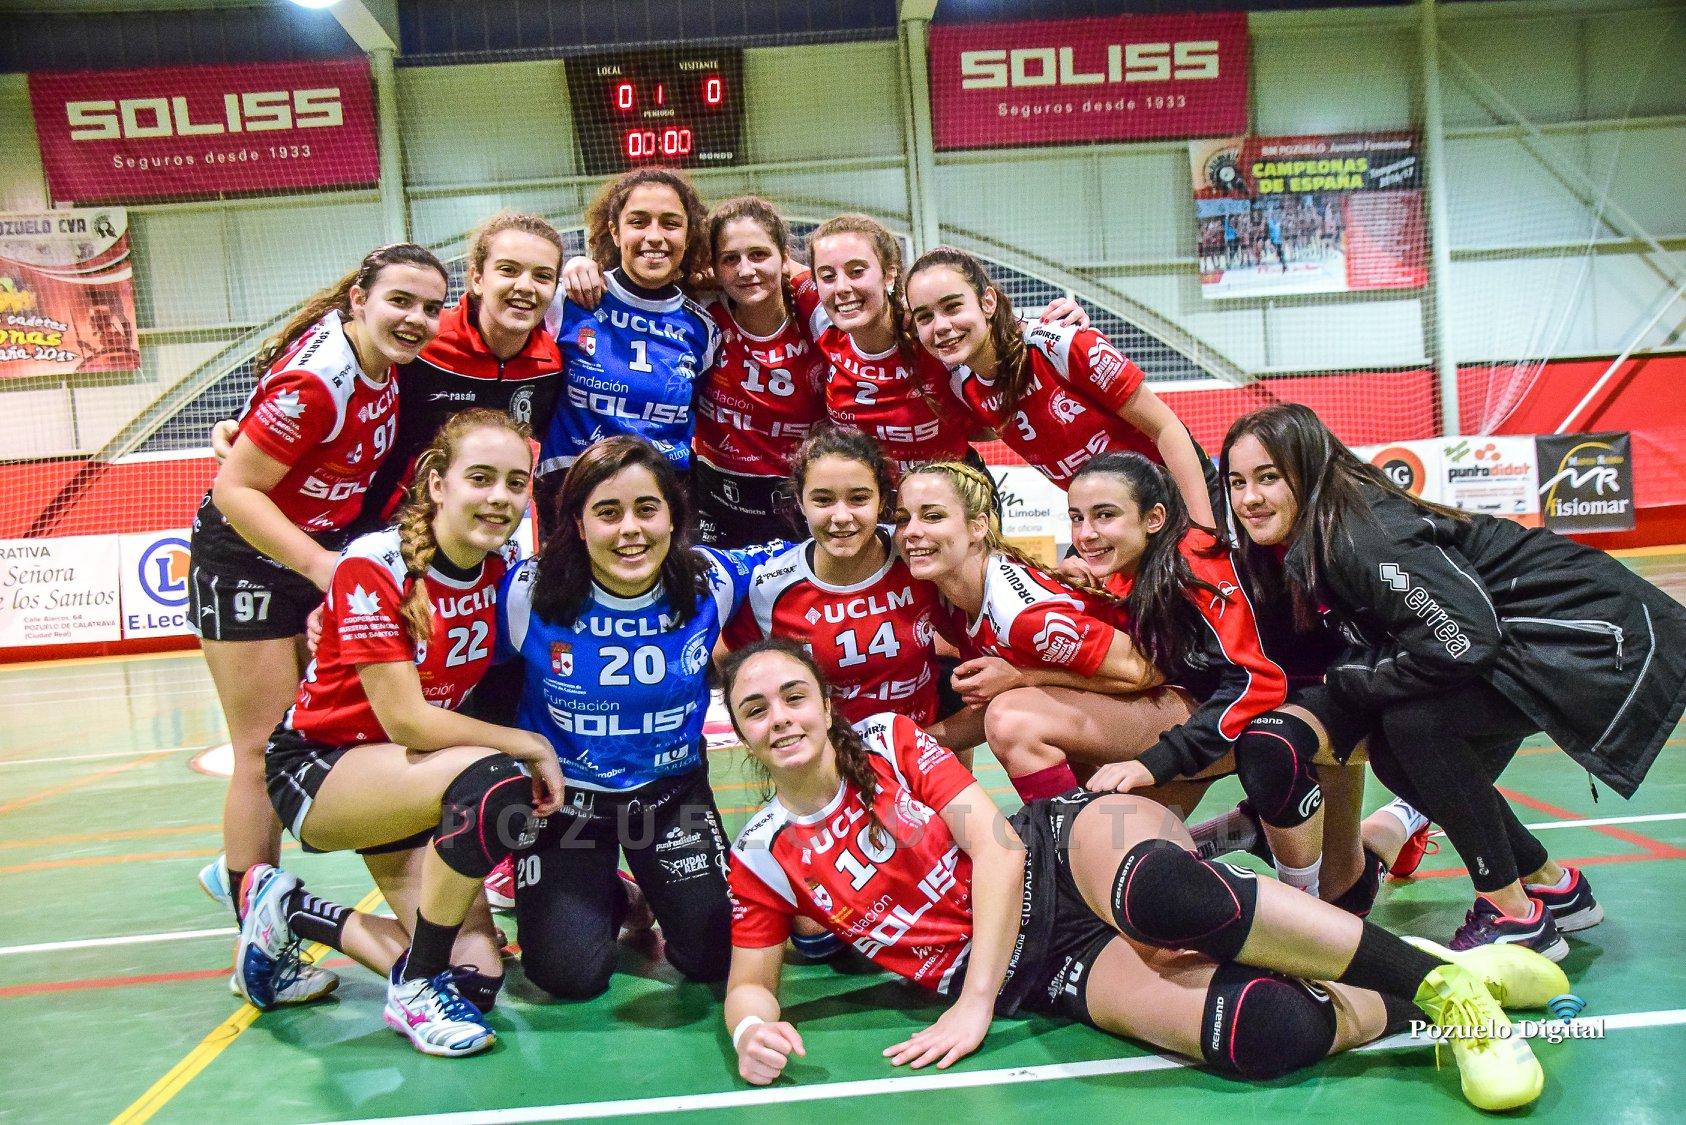 El Soliss BM Pozuelo Juvenil Femenino por quinta vez consecutiva campeonas de liga de Castilla La Mancha